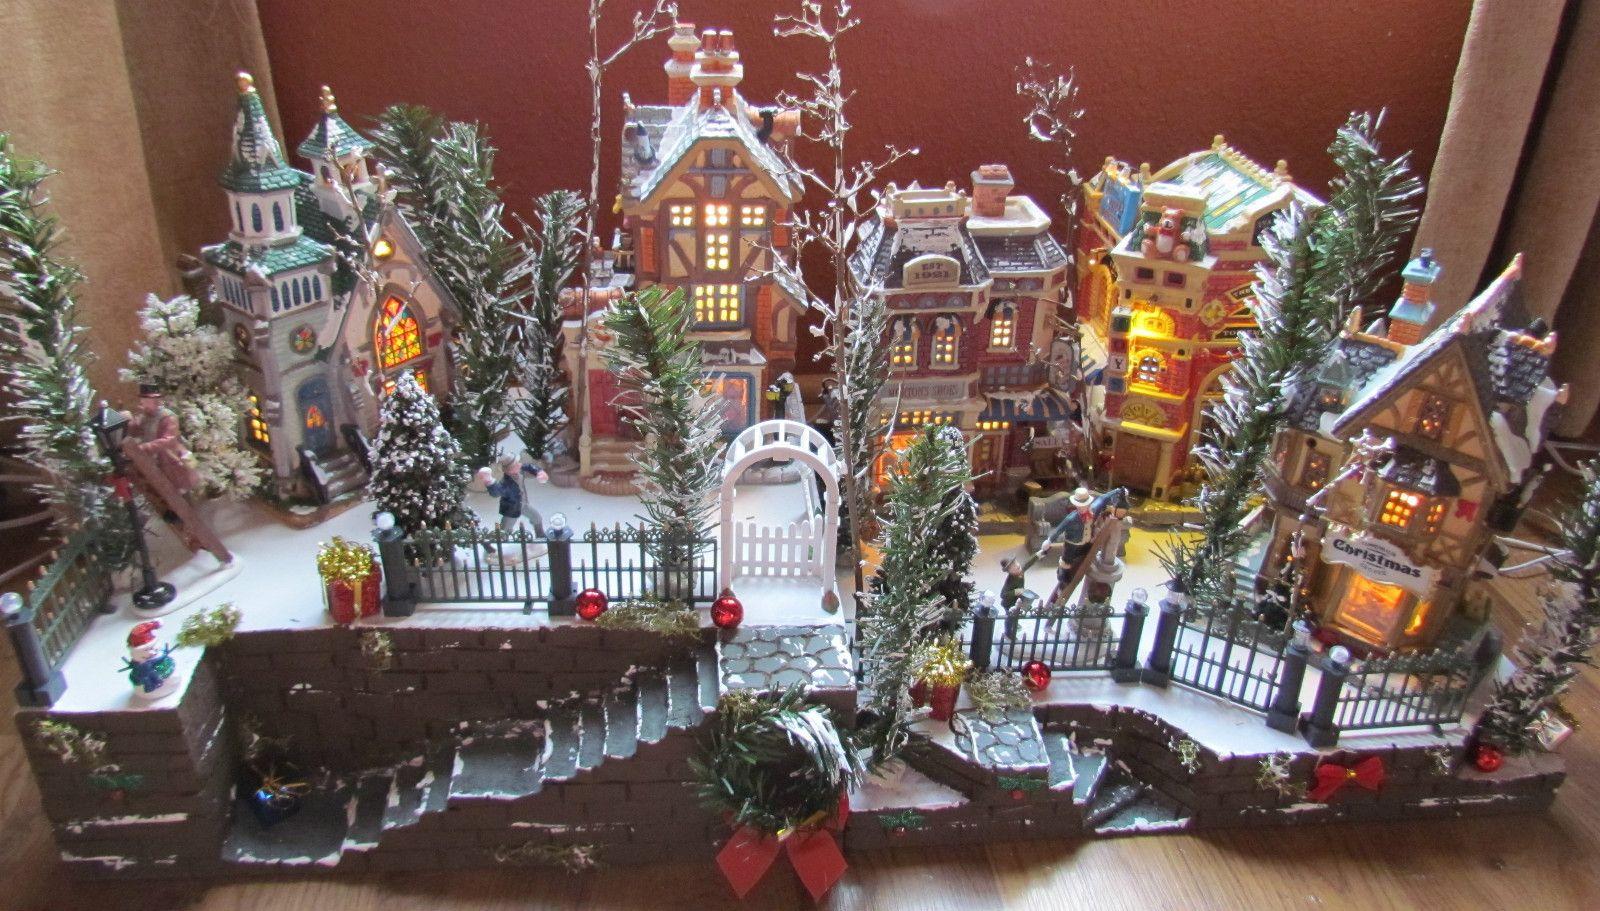 CHRISTMAS Village DISPLAY, Big Staircase! ce platform base ...